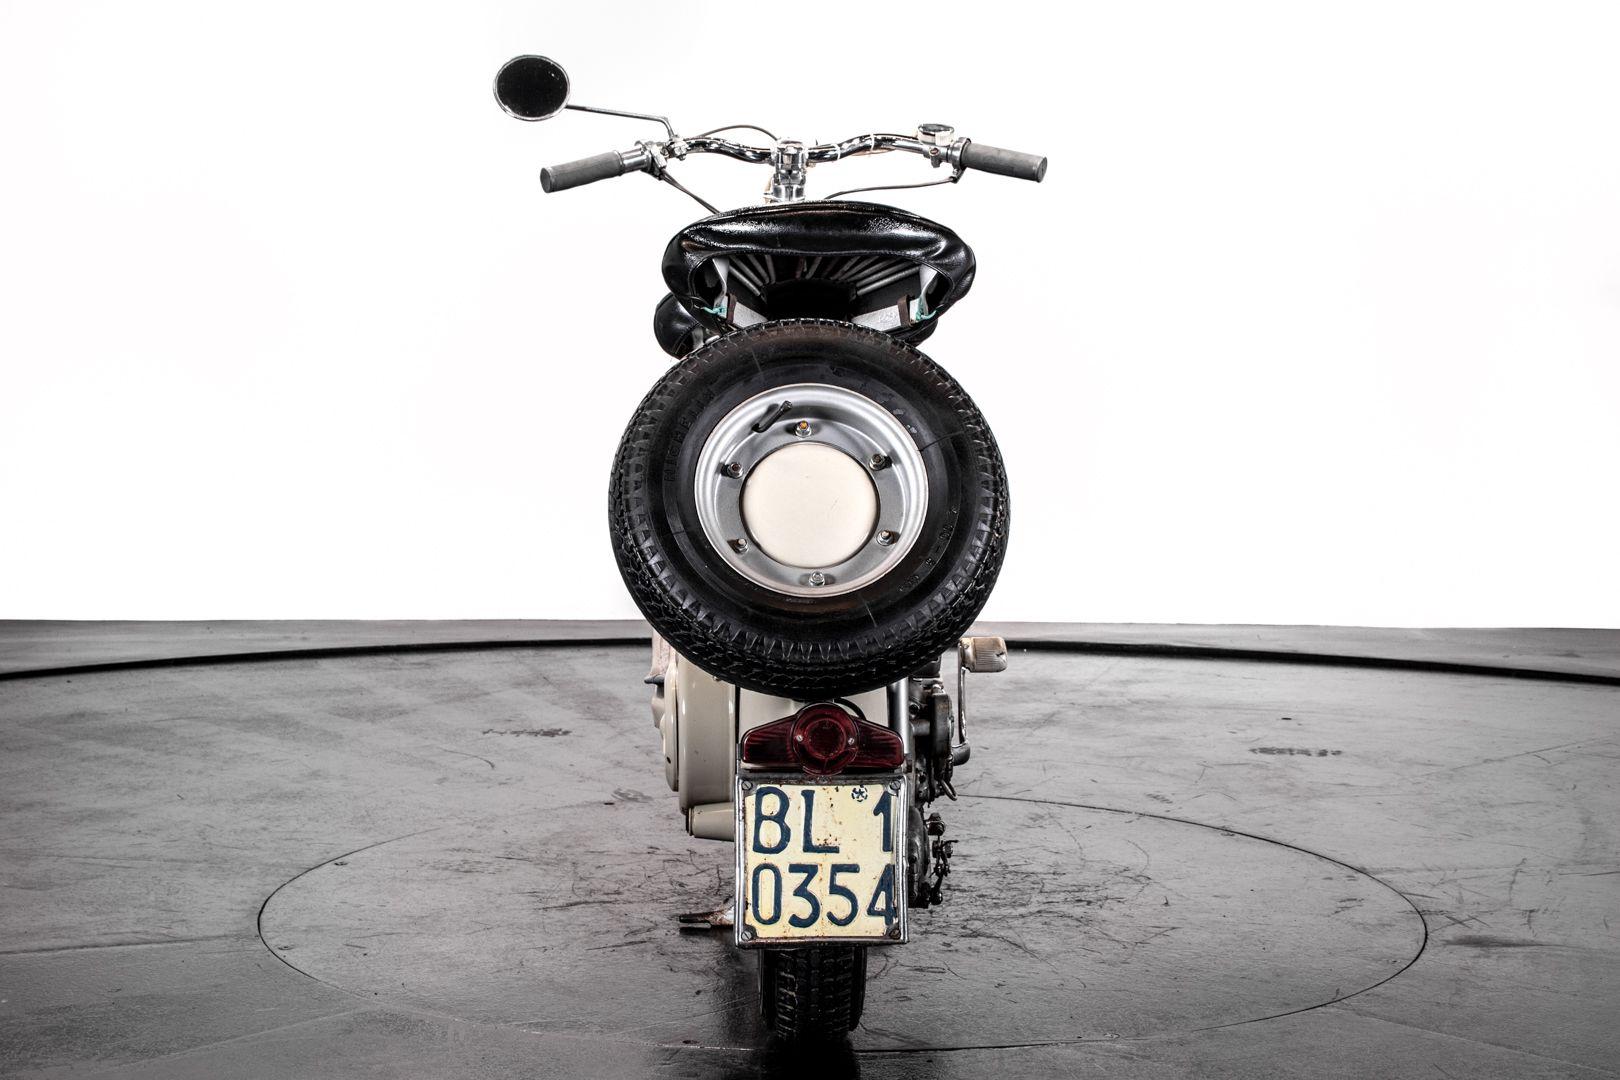 1955 Innocenti Lambretta 150 D 69190